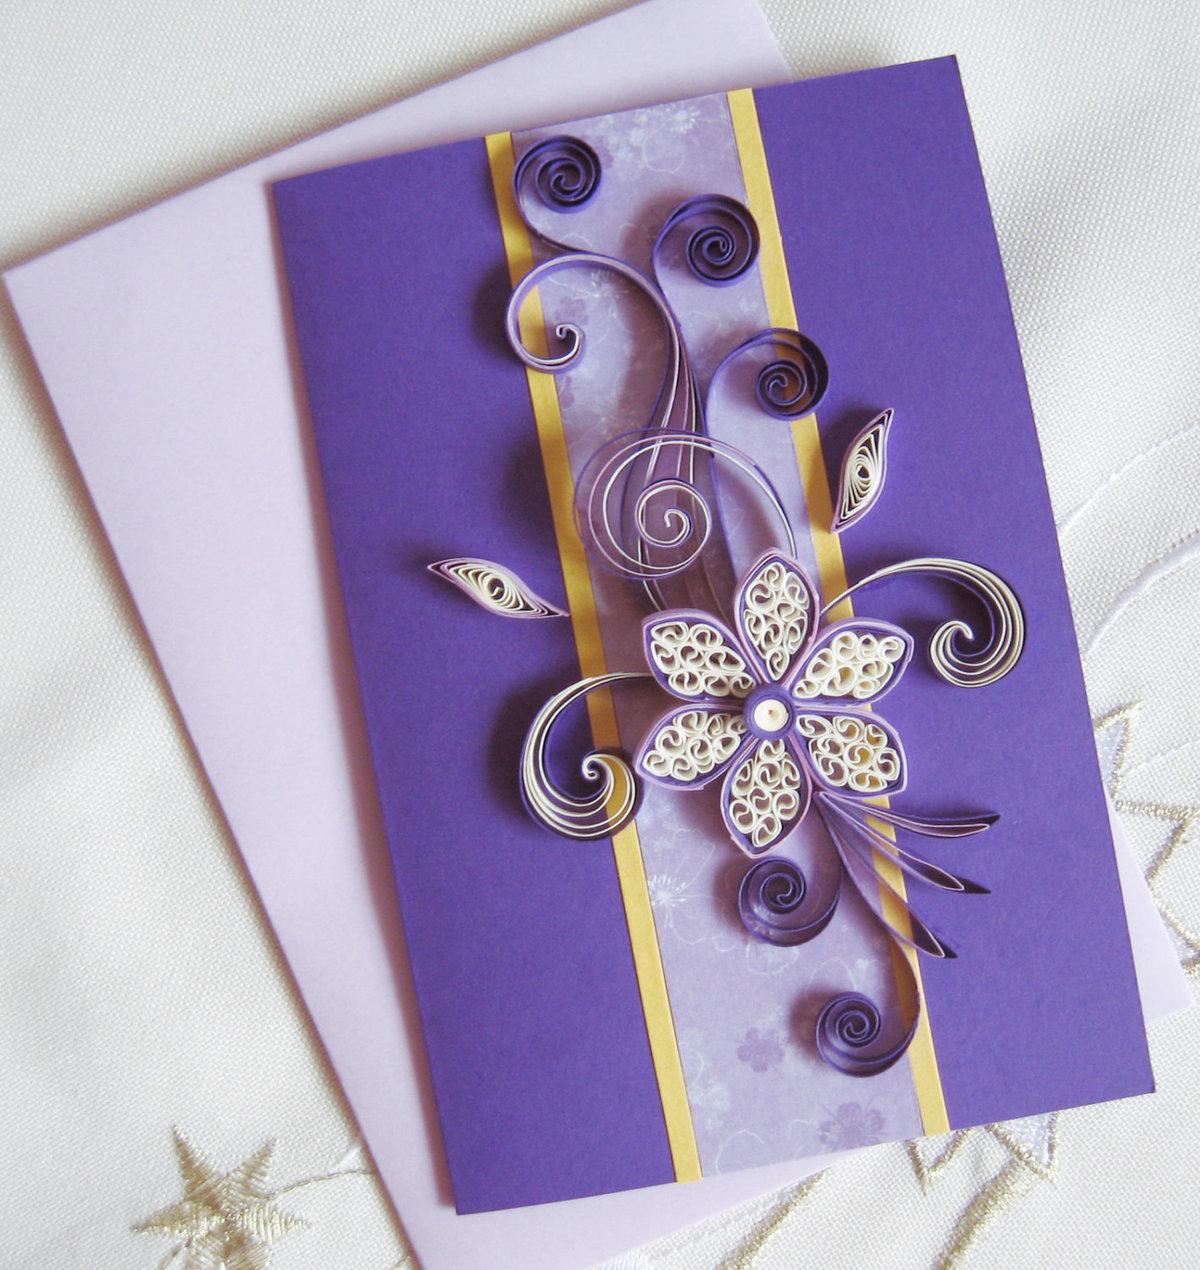 юбка поздравительные открытки сделанные своими руками днем матери